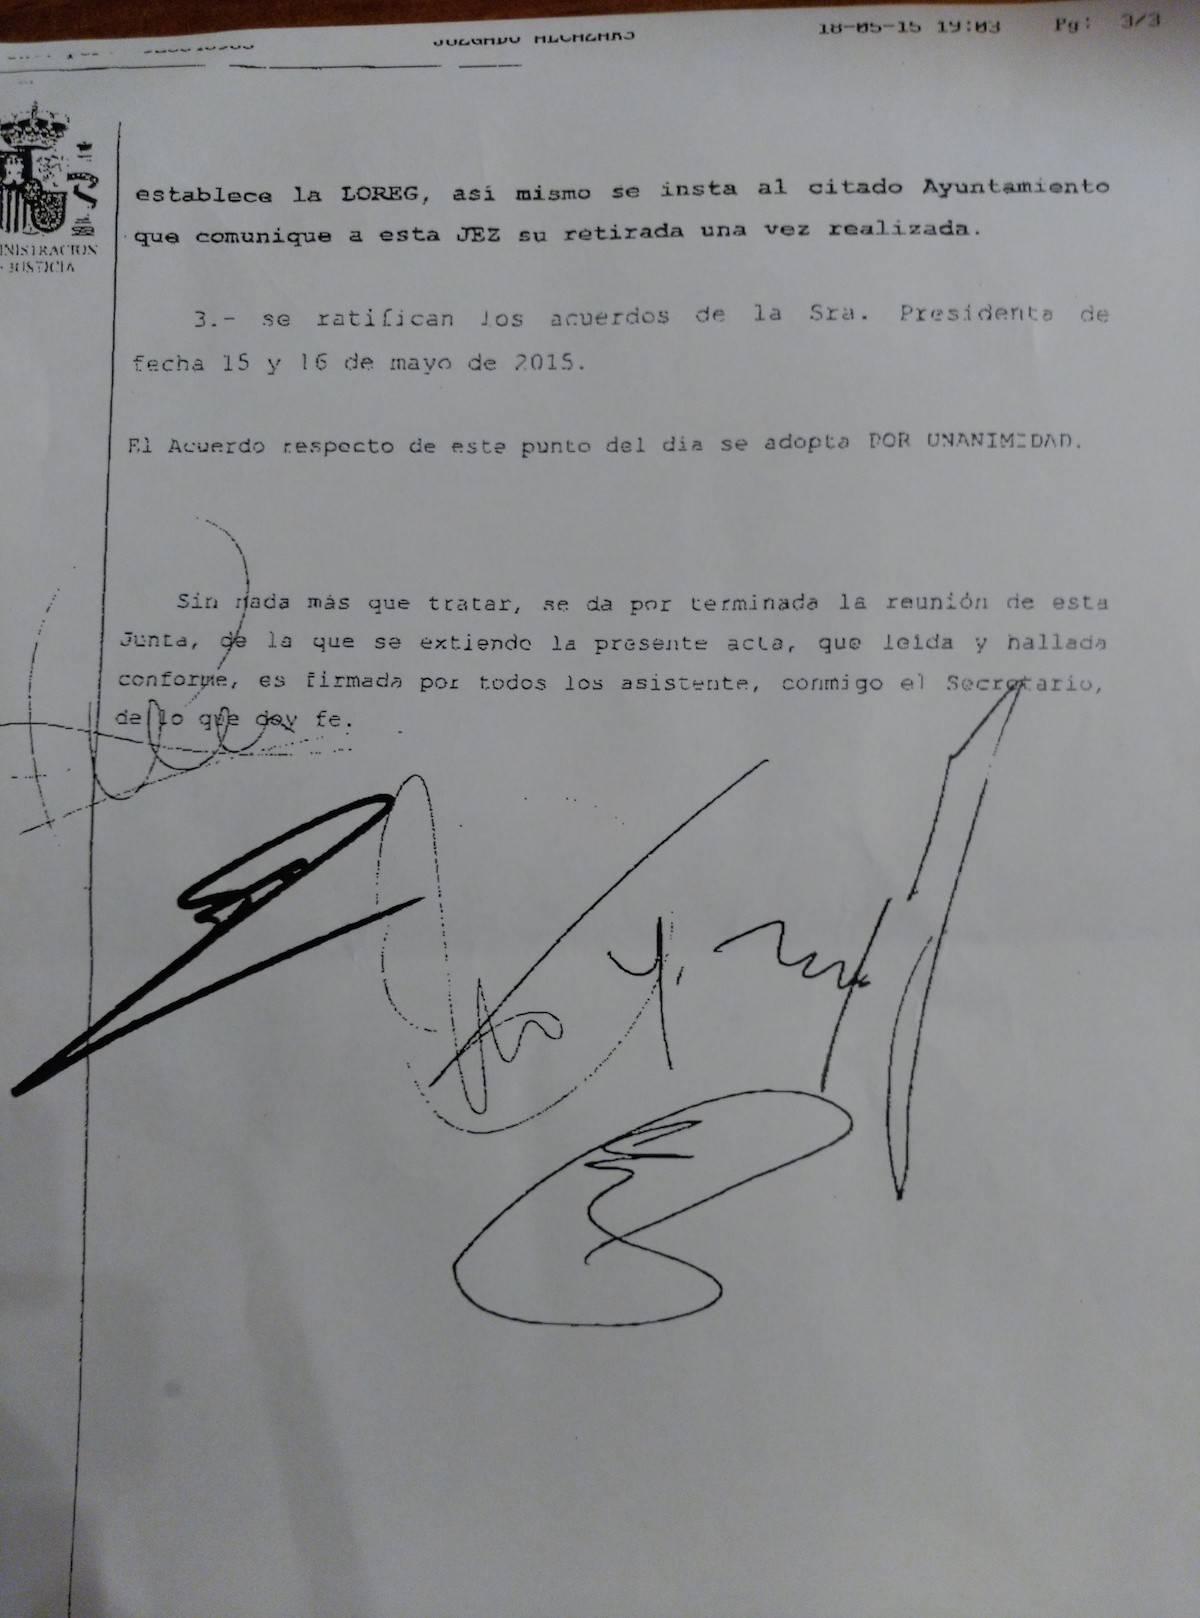 acta junta electoral pagina 3 - La Agrupación Electoral de Vecinos de Herencia no gana ninguna demanda contra el PP